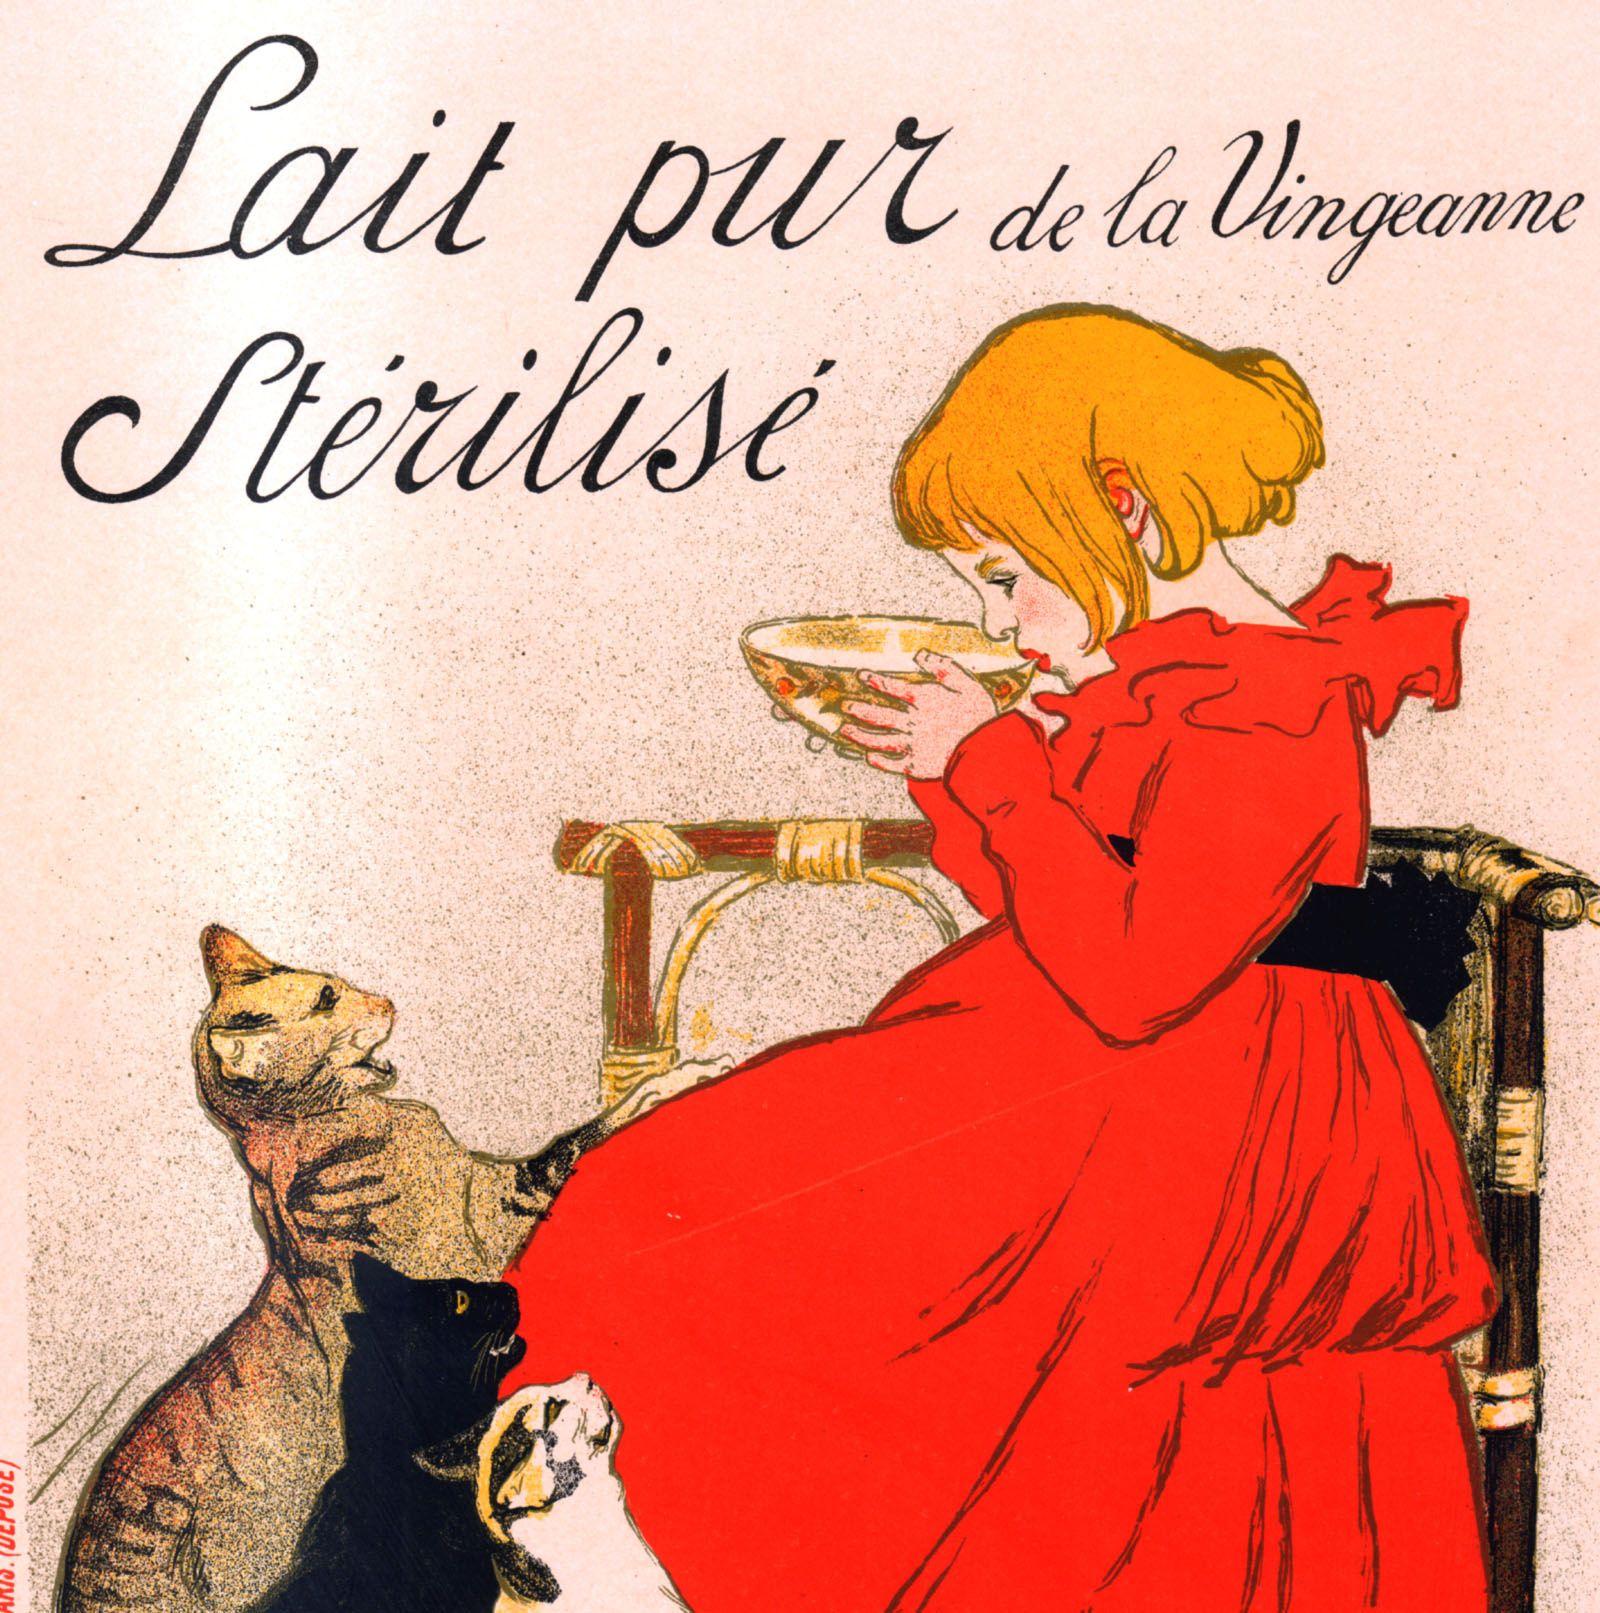 Posters Advertising Original French Posters France French Belle Epoque Art Nouveau Les Maitres De L Aff Belle Epoch Art Poster